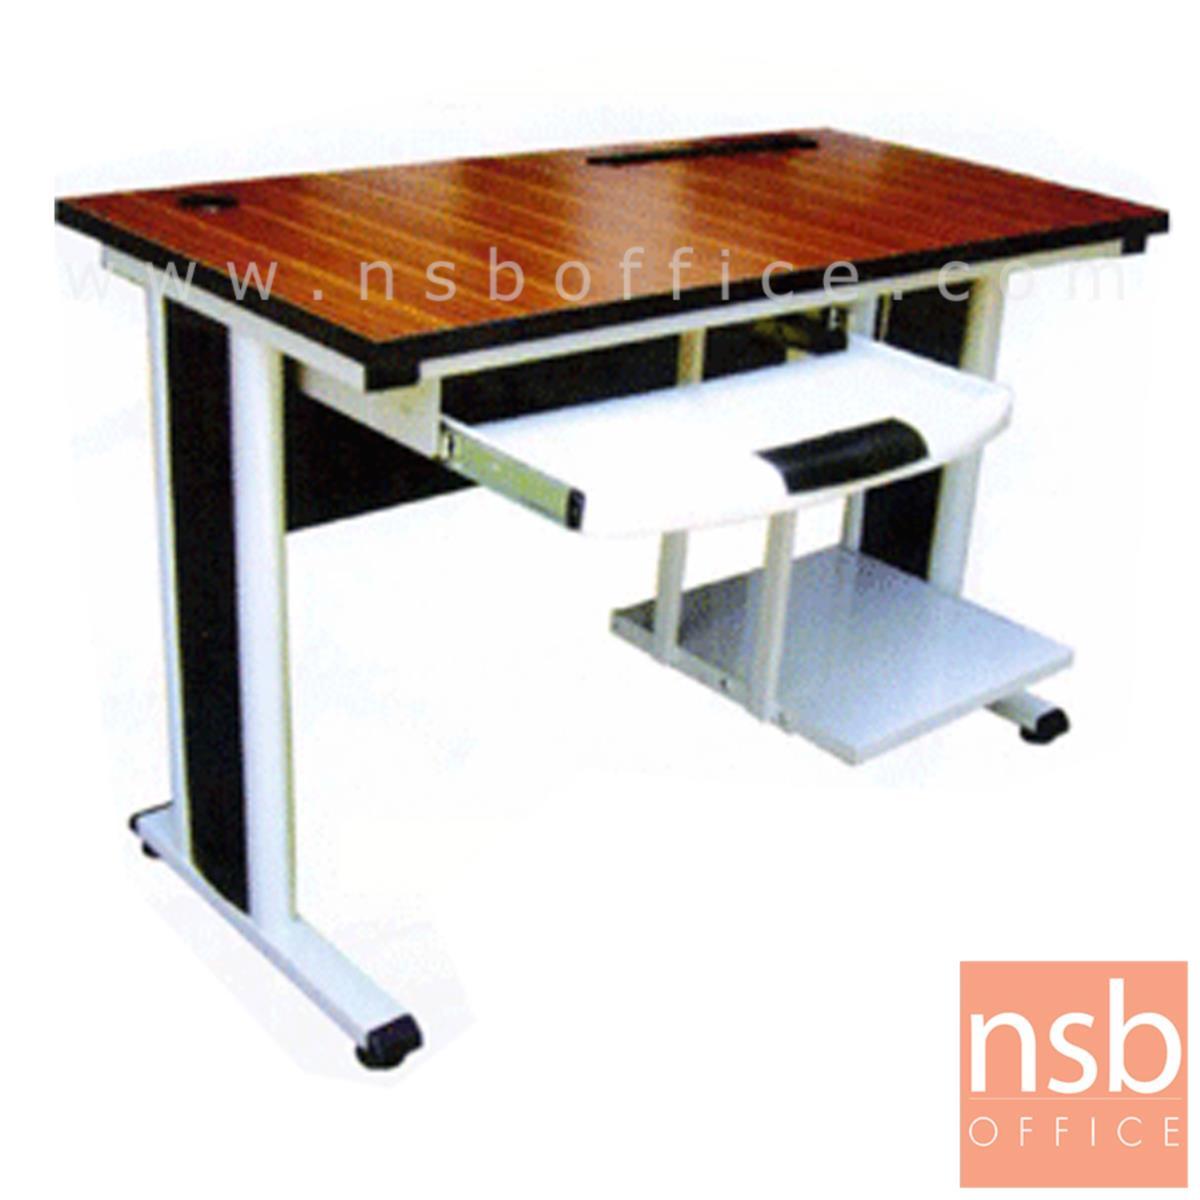 A10A021:โต๊ะคอมพิวเตอร์ ขนาด 120W*75H cm. พร้อมที่วางซีพียูและรางคีย์บอร์ดพลาสติก รุ่น Athena (อธีน่า)  ขาเหล็กสีเทา